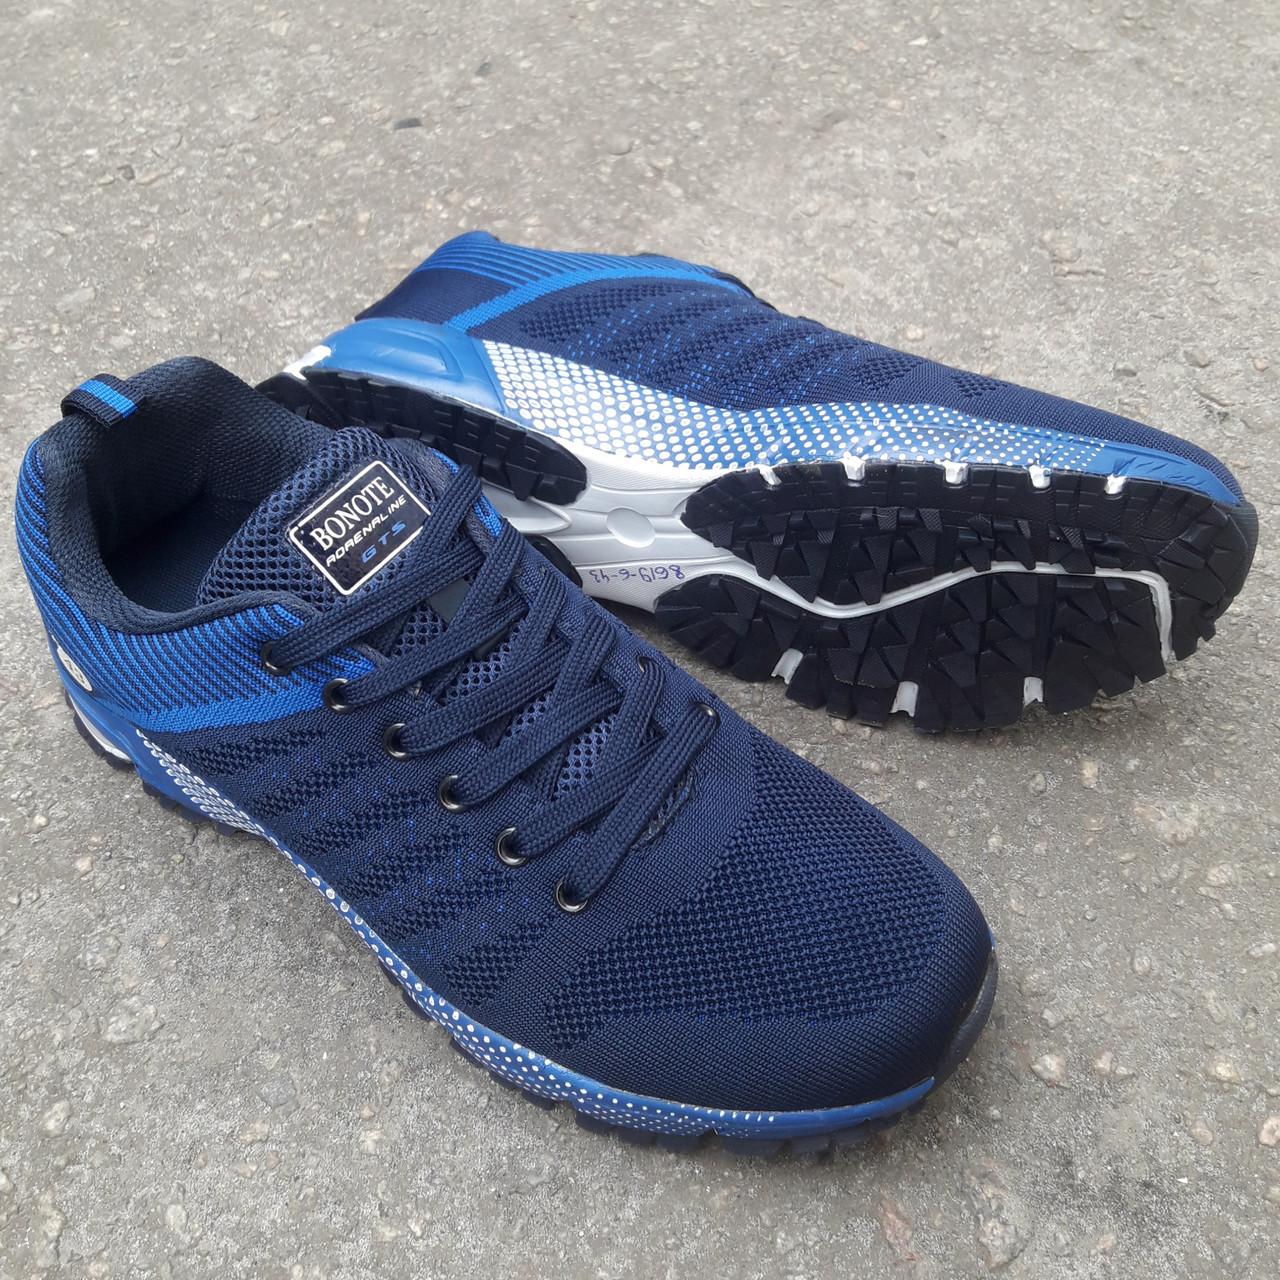 Кроссовки Bonote р.44 текстиль тёмно-синие